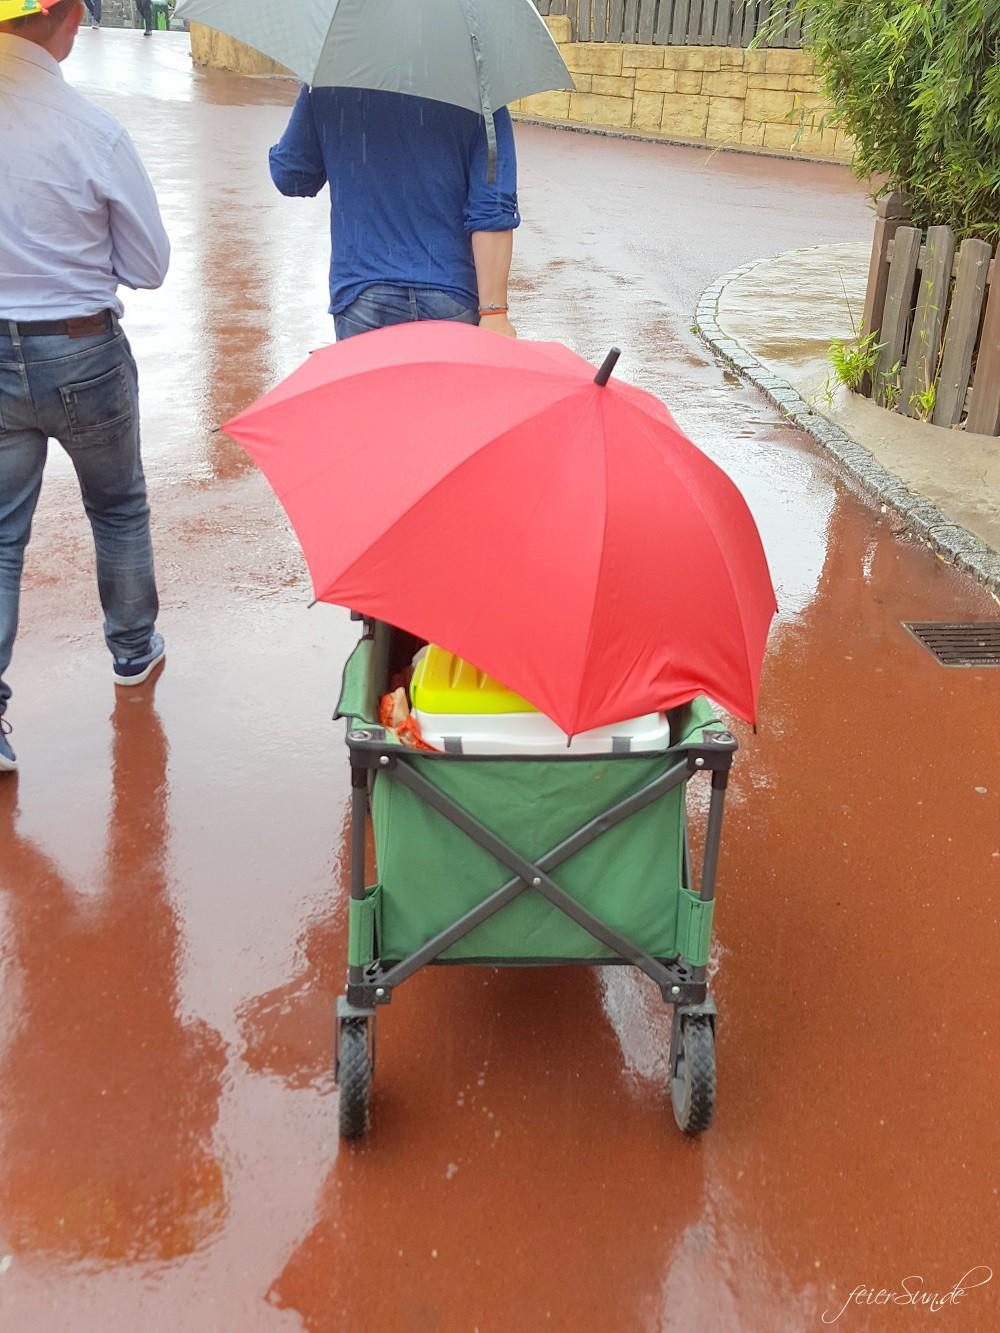 Mit der richtigen Ausrüstung macht ein Wenig Regen uns nichts aus